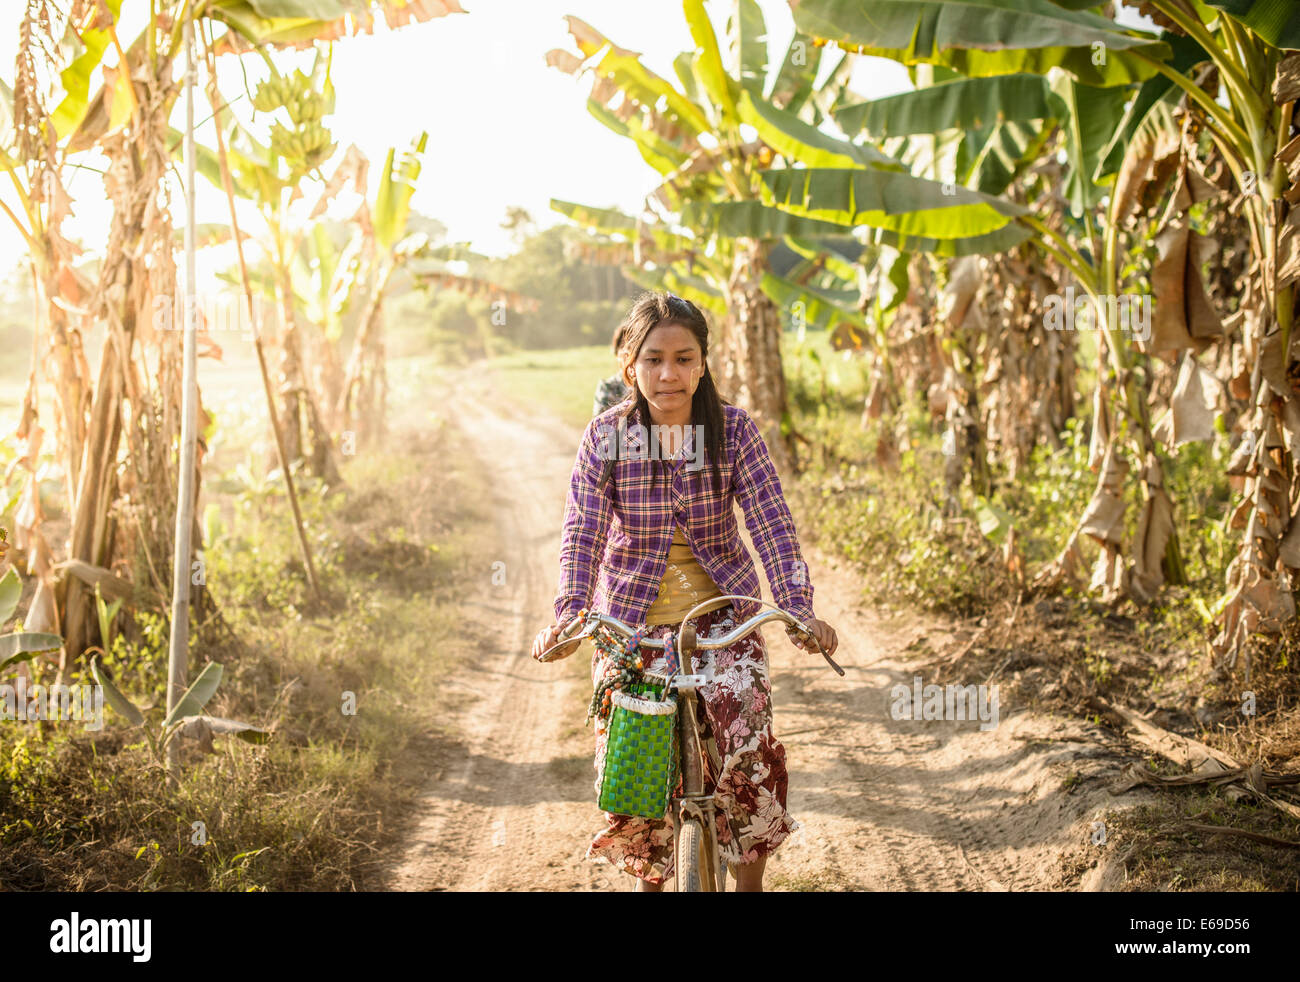 Asiatische Frau Reiten Fahrrad auf Landstraße Stockfoto